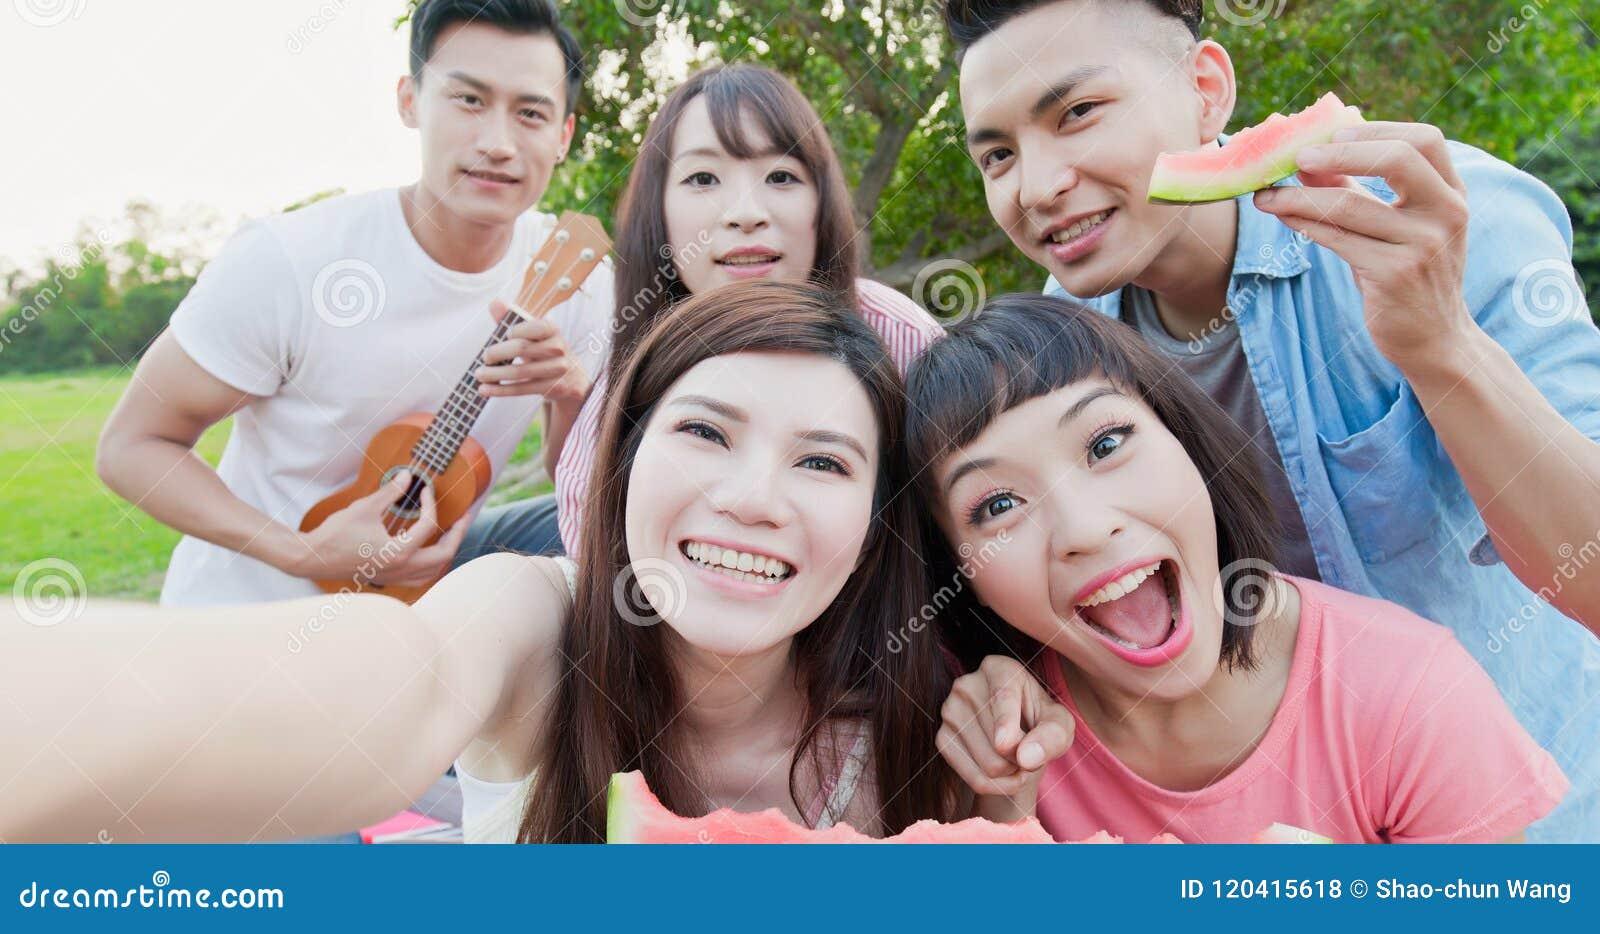 People enjoy at a picnic